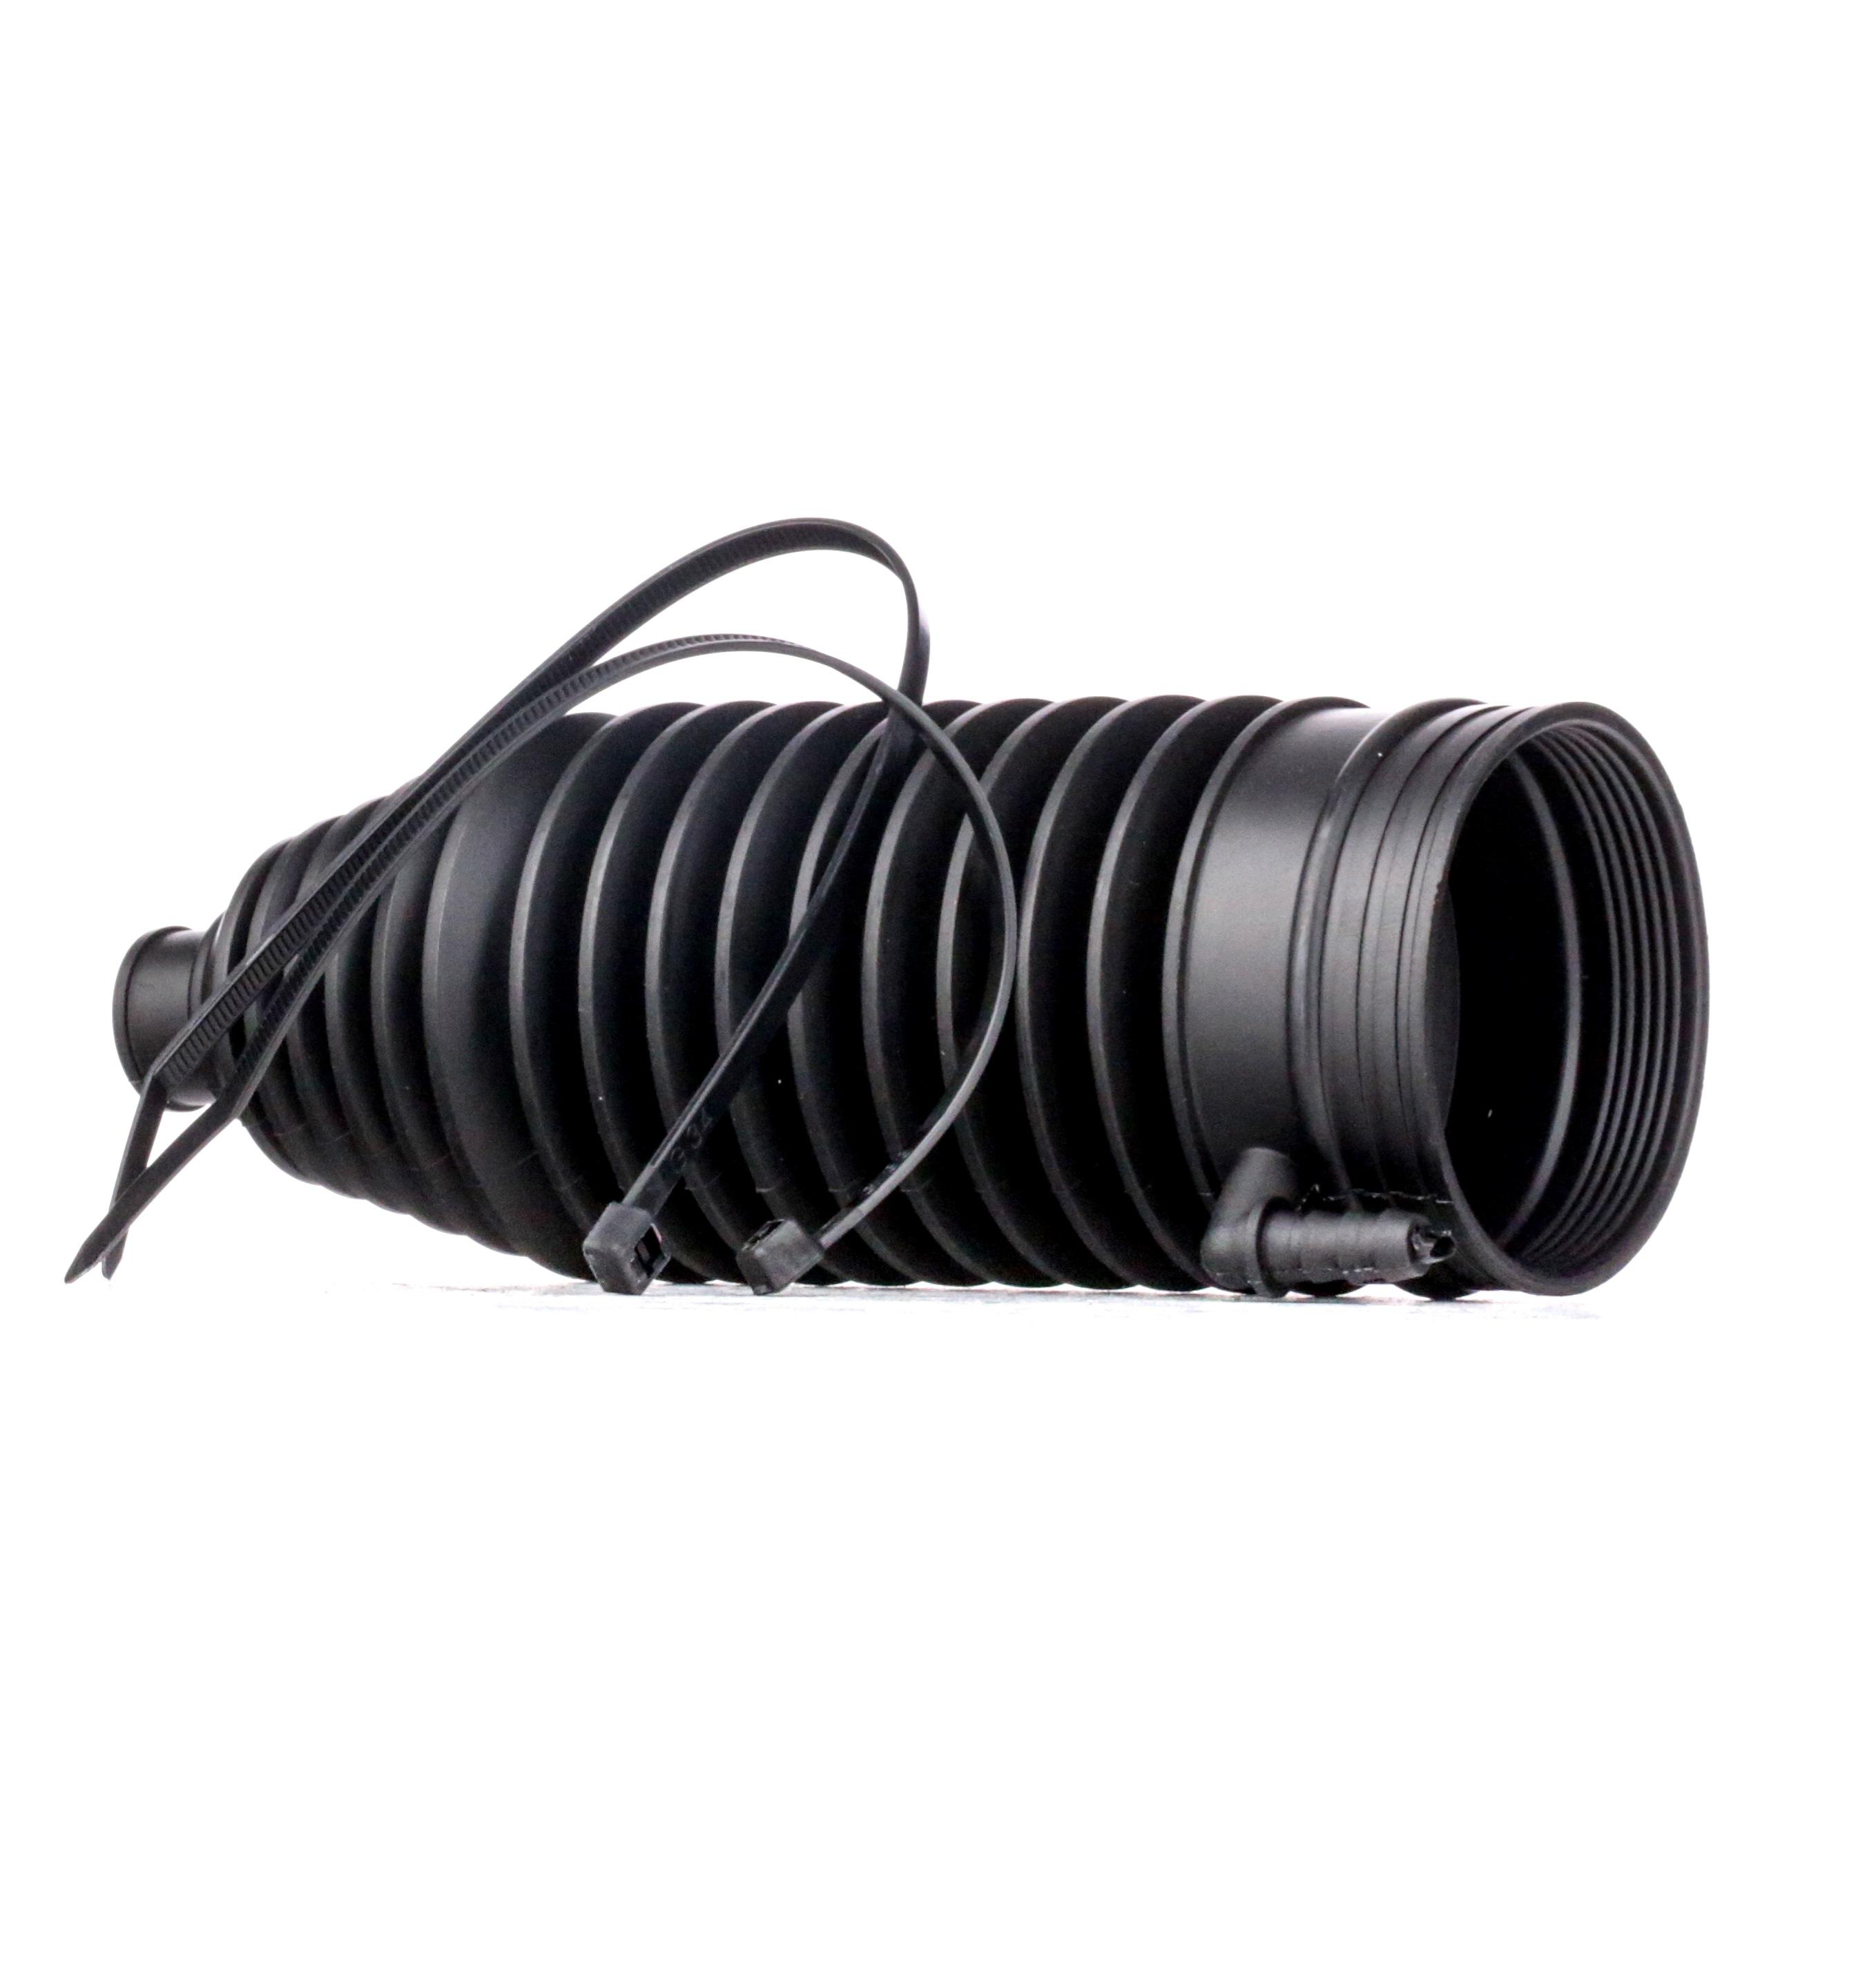 Achetez Soufflet de cremaillere RIDEX 191B0009 (Diamètre intérieur 2: 17mm, Diamètre intérieur 2: 60mm) à un rapport qualité-prix exceptionnel